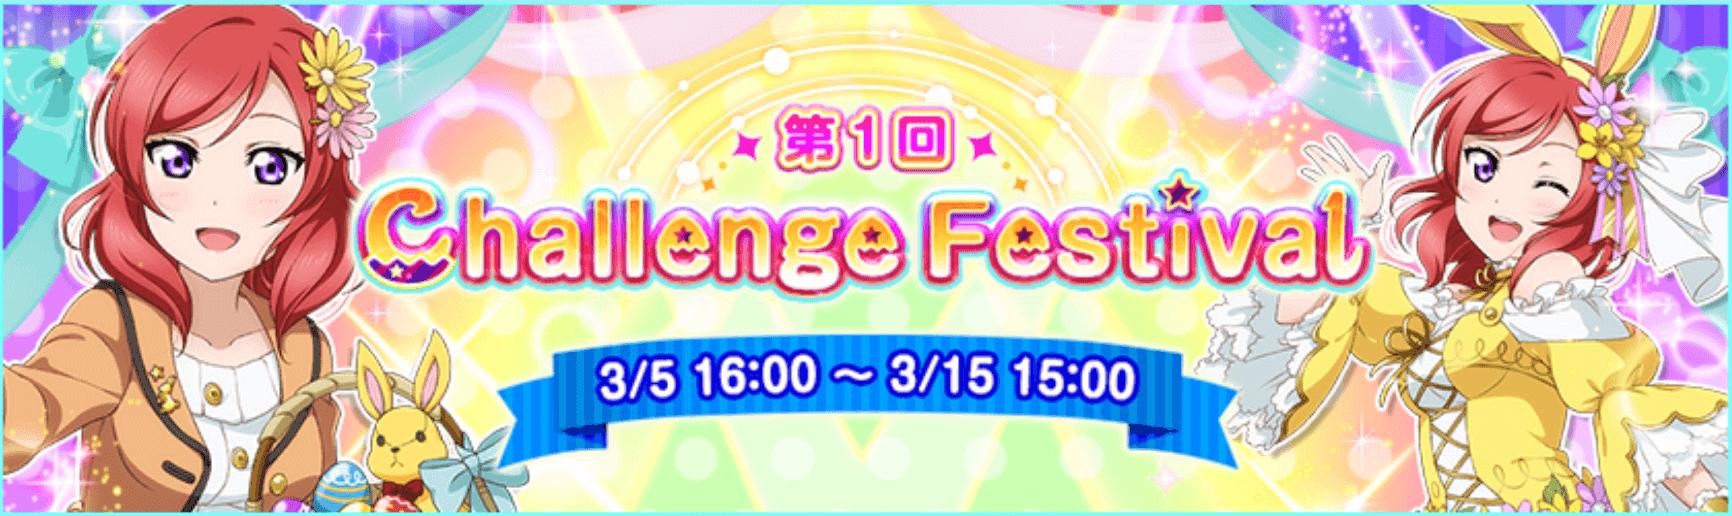 Challenge Festival Round 1